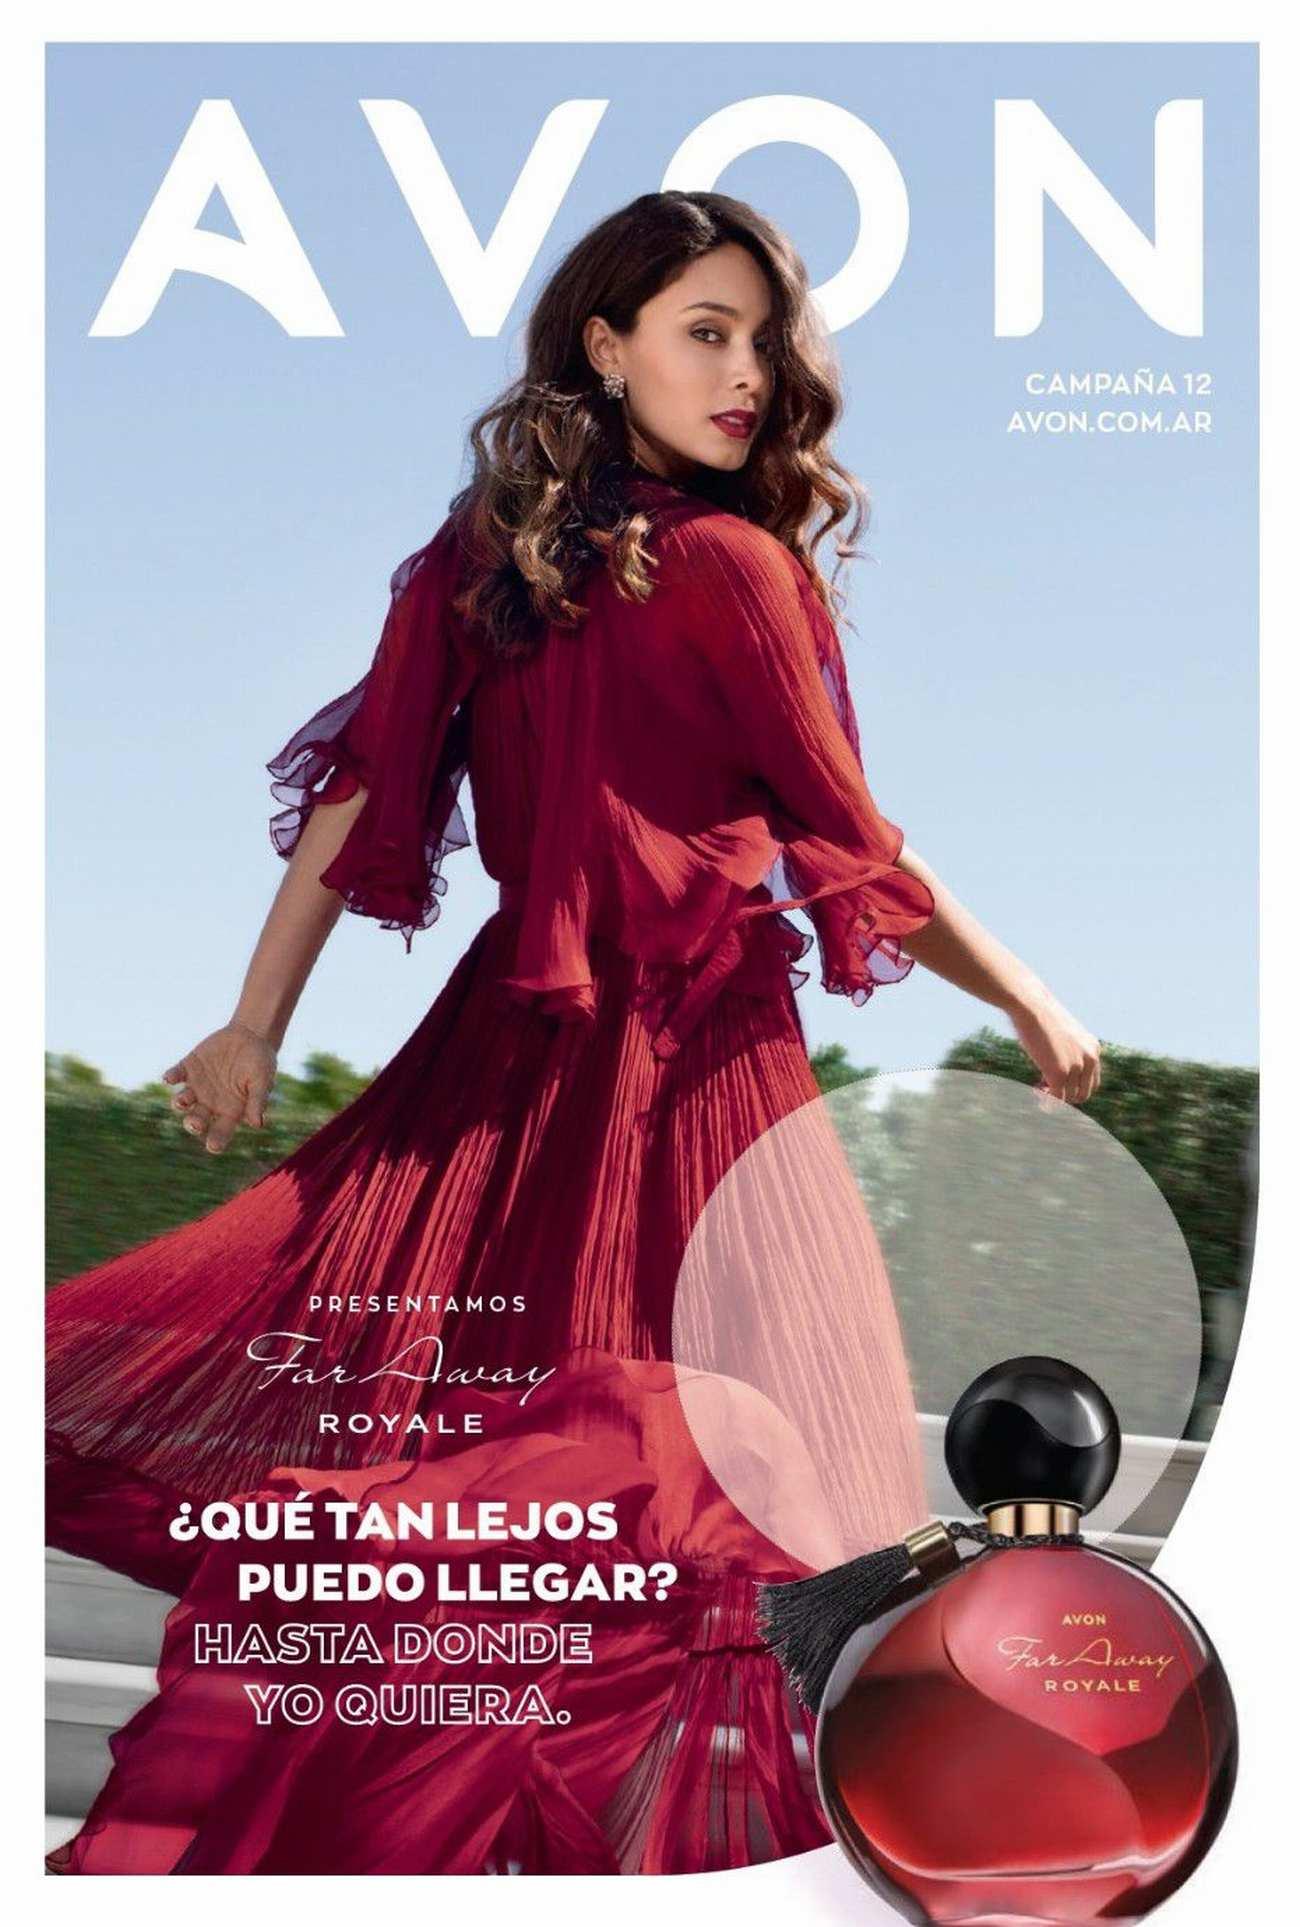 Catálogo Avon Campaña 12 2021 Argentina